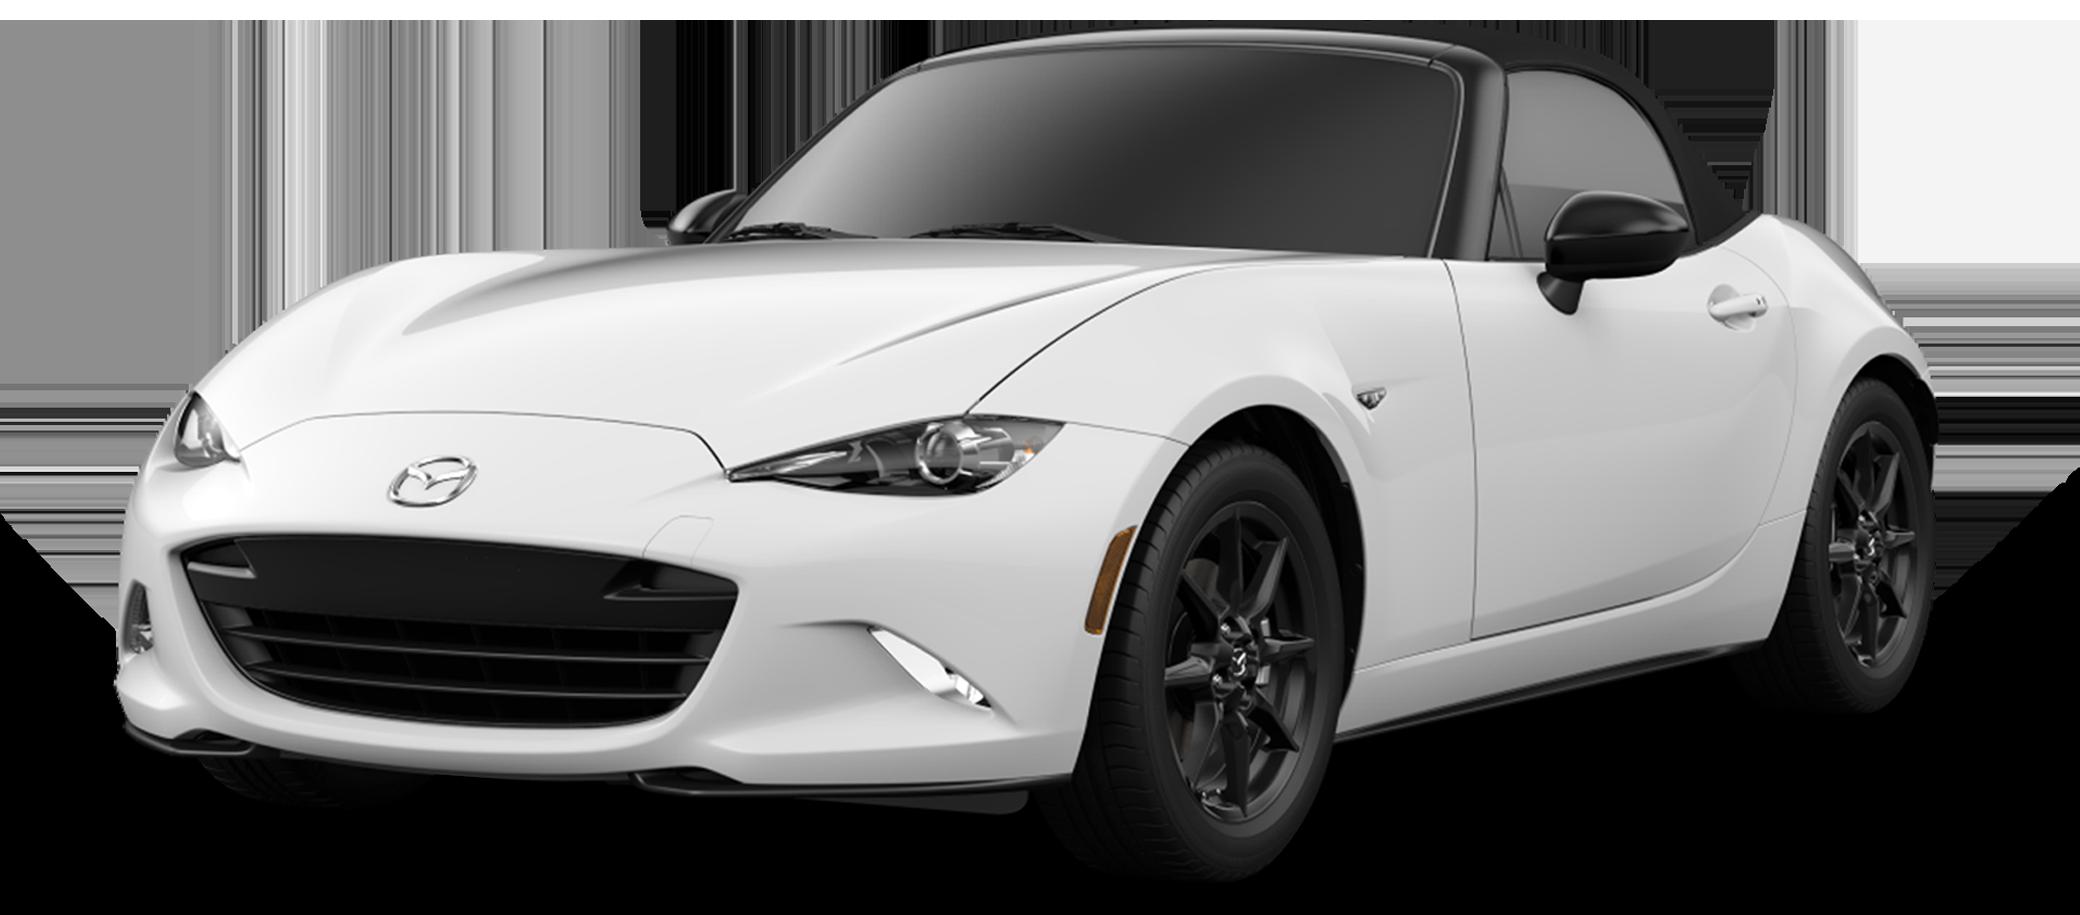 New 2018-2019 Mazda & Used Car Dealer in Toledo | Near